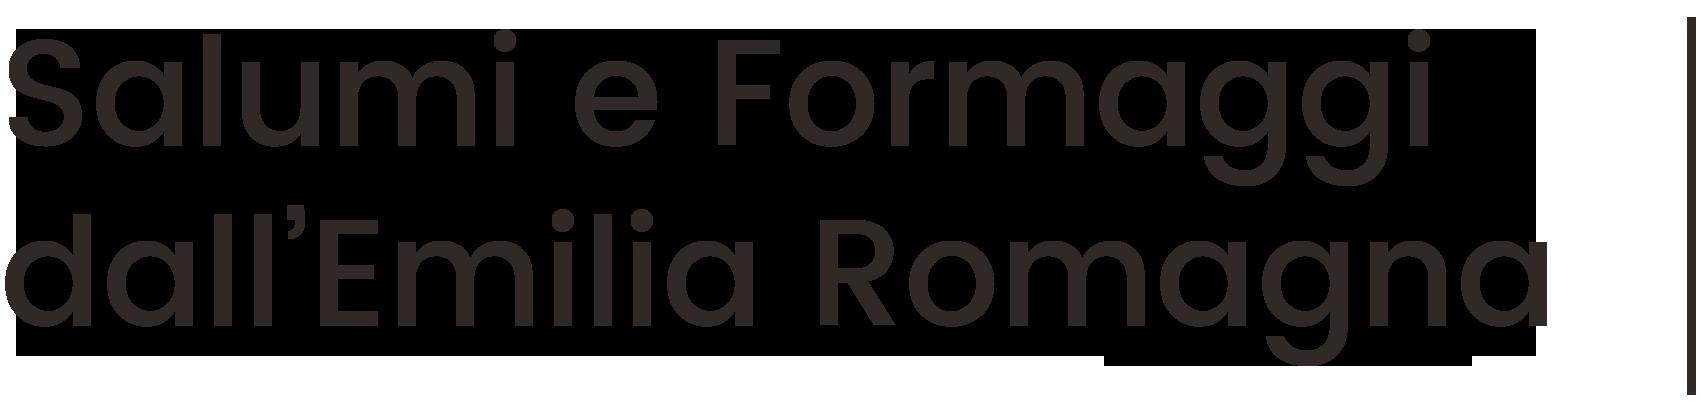 salumi emilia romagna